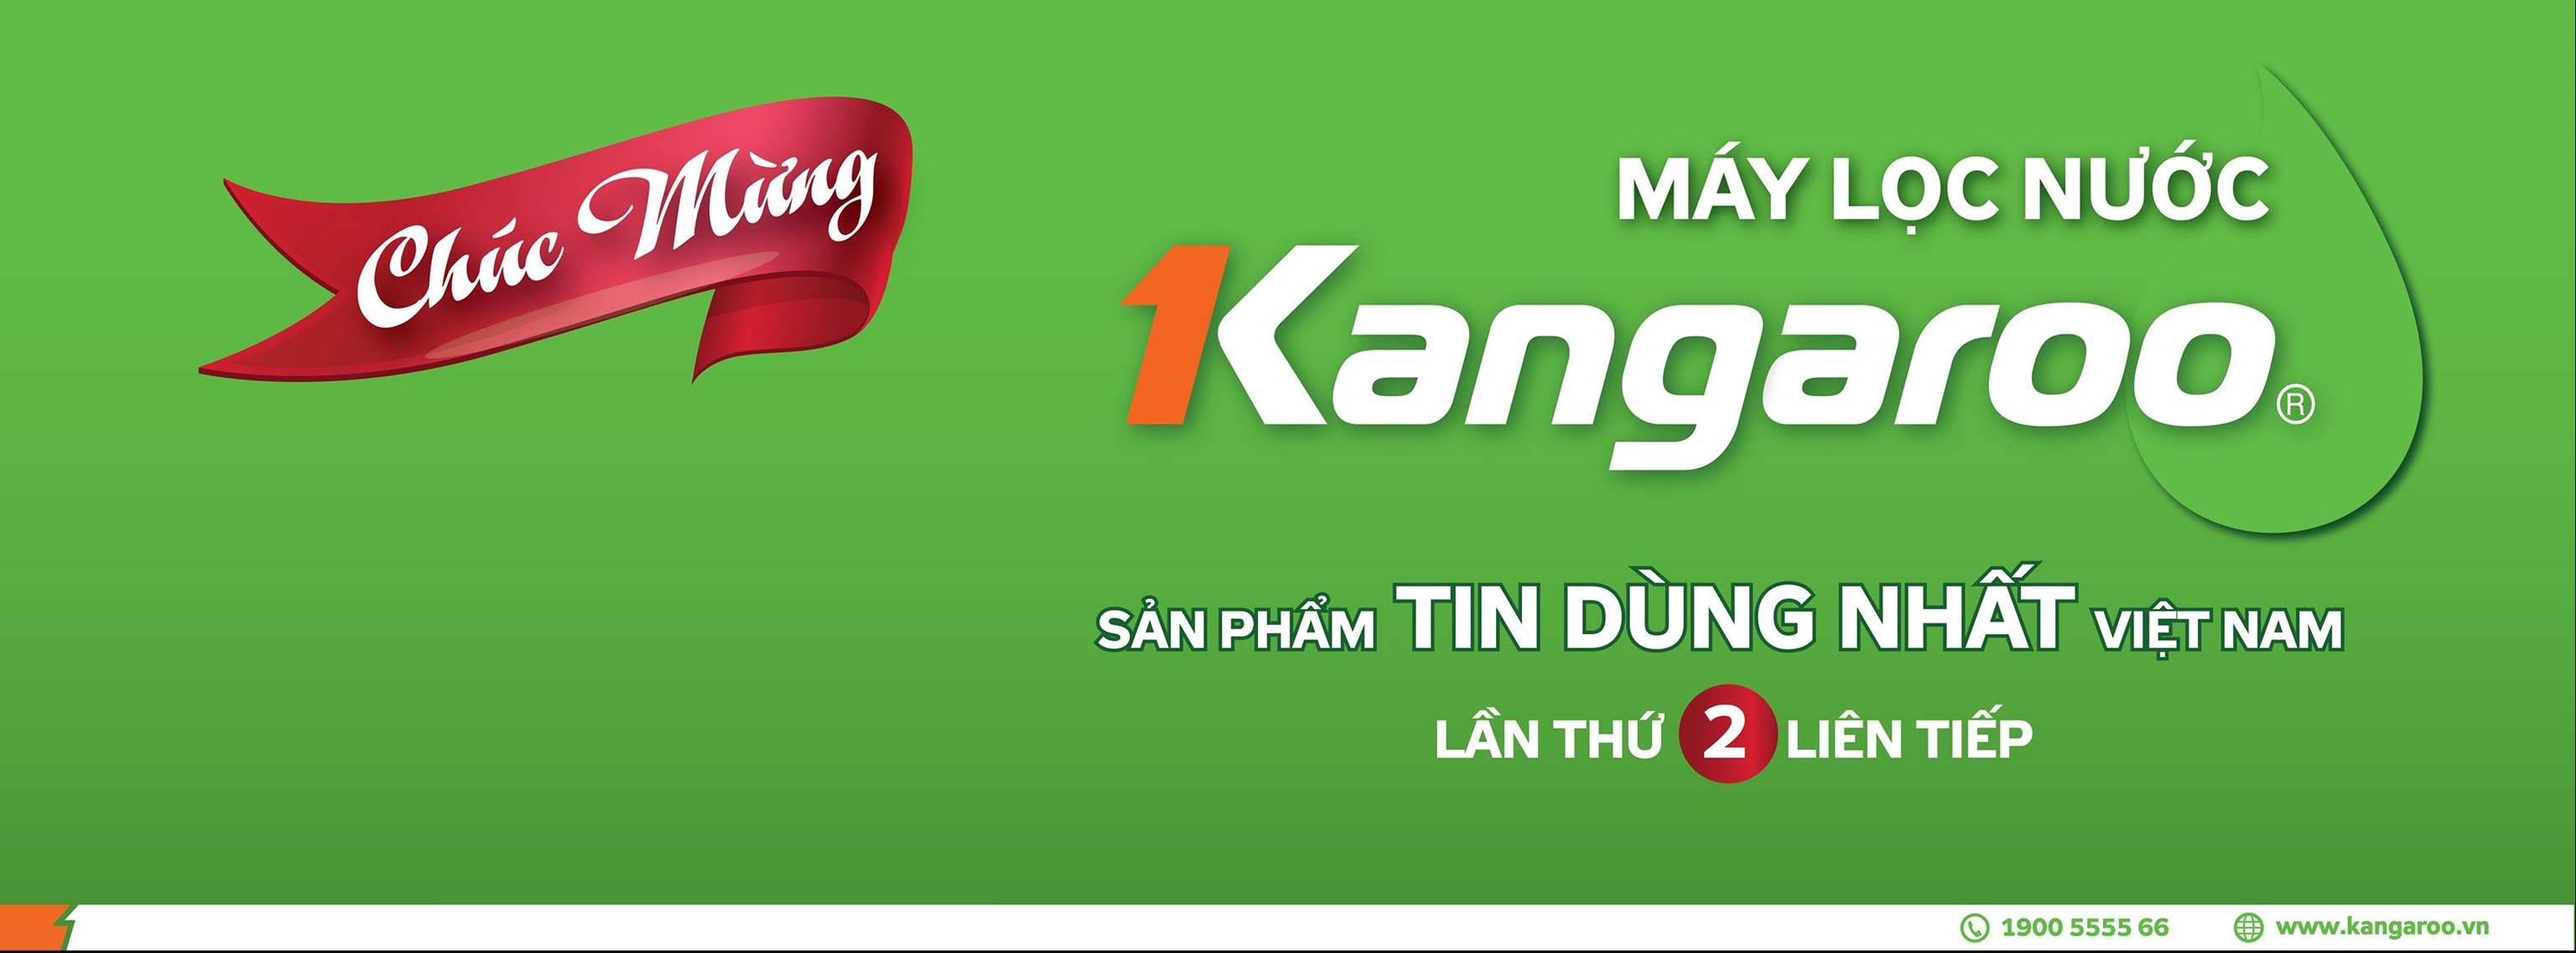 lần thứ 2 liên tiếp Kangaroo trở thành nhãn hiệu máy lọc nước được tin dùng nhất Việt Nam